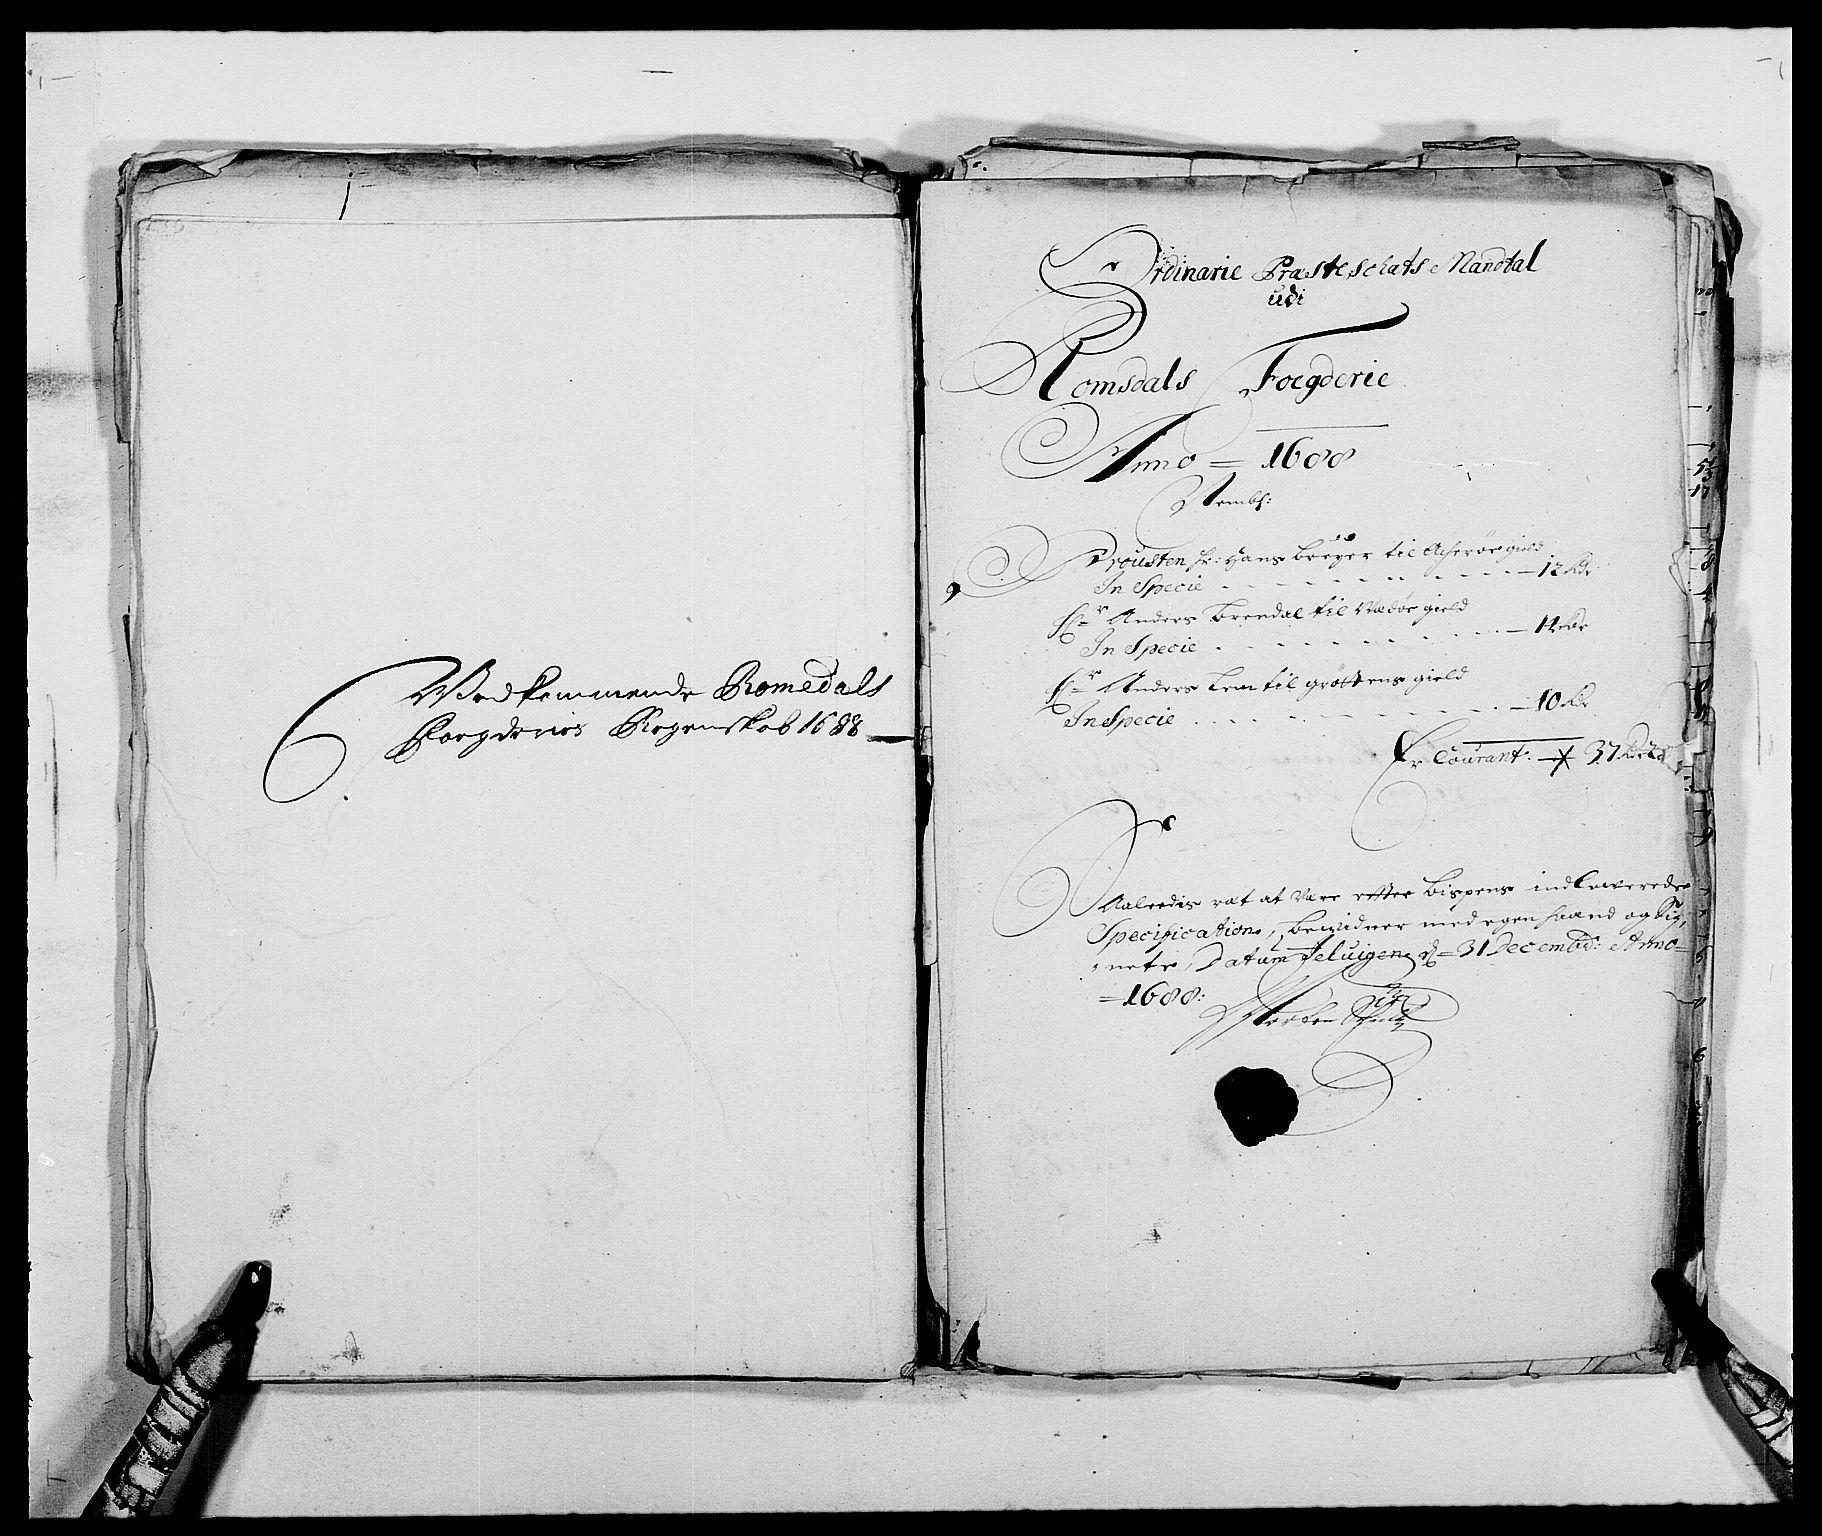 RA, Rentekammeret inntil 1814, Reviderte regnskaper, Fogderegnskap, R55/L3648: Fogderegnskap Romsdal, 1687-1689, s. 289